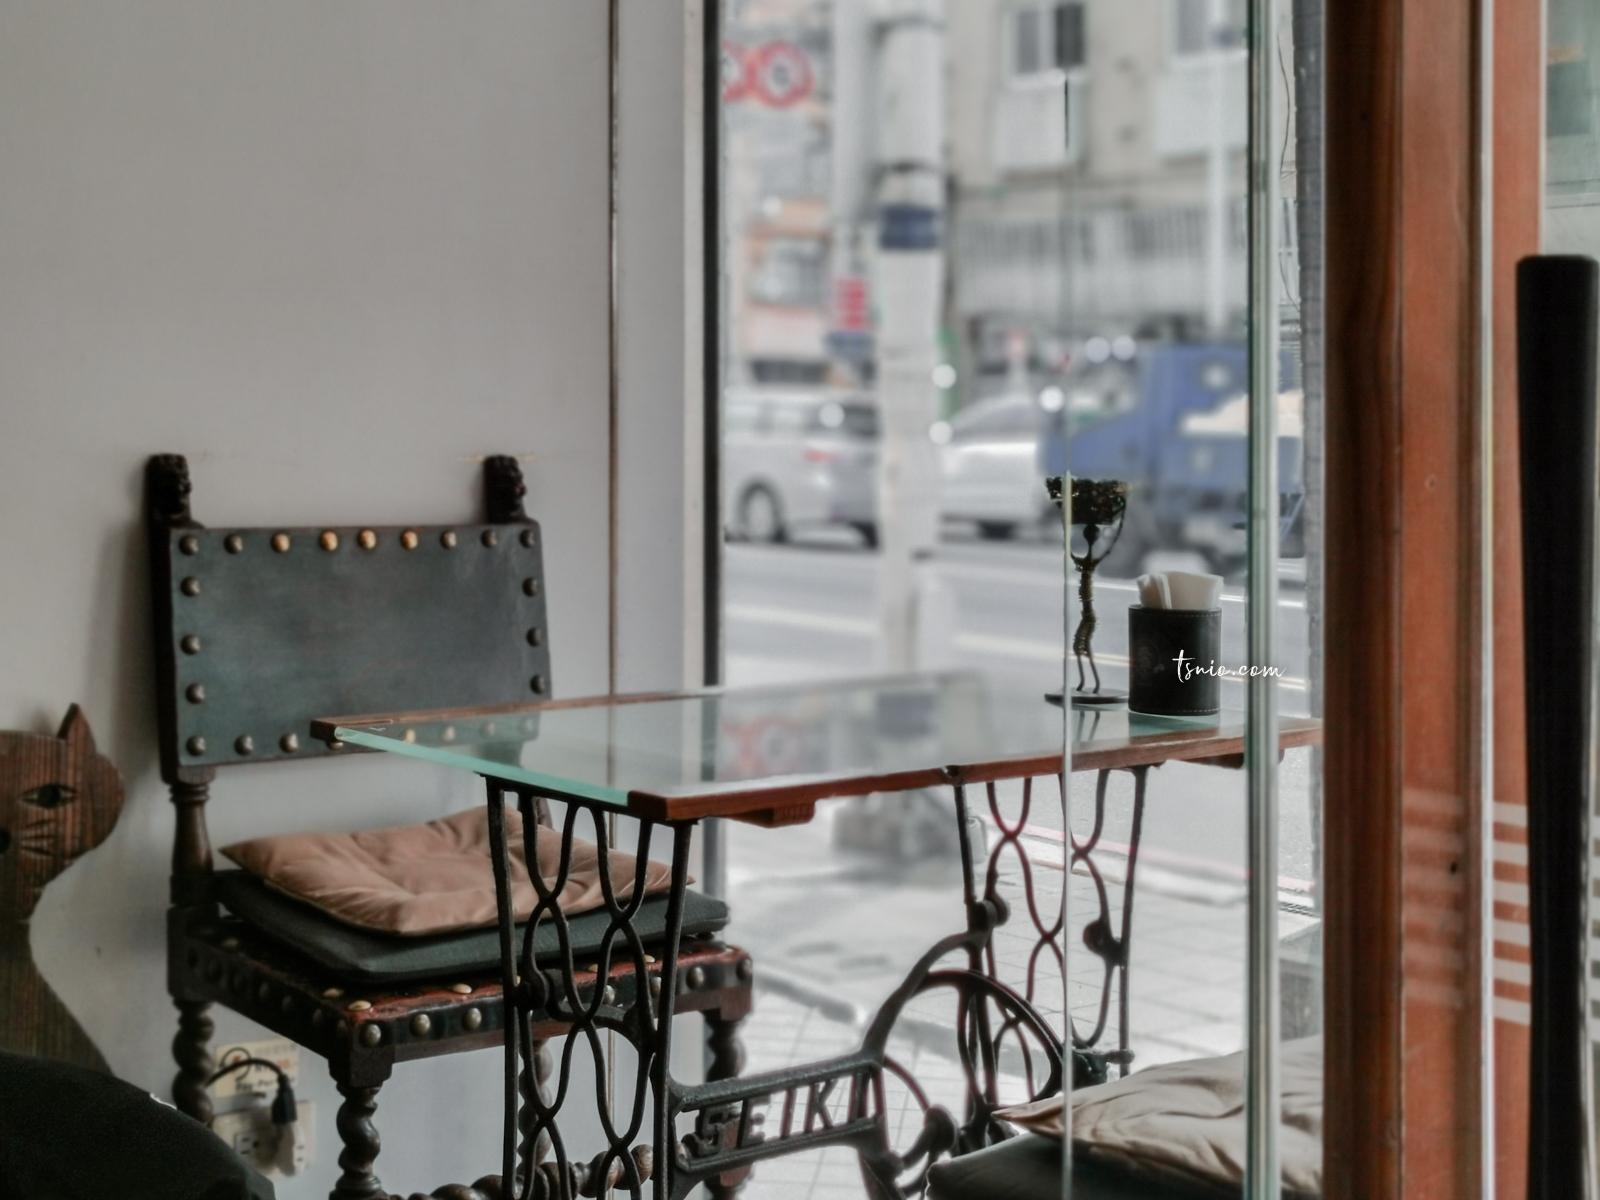 基隆委託行街區 懷舊時光中的一縷朝氣 委託行美食咖啡廳酒吧推薦